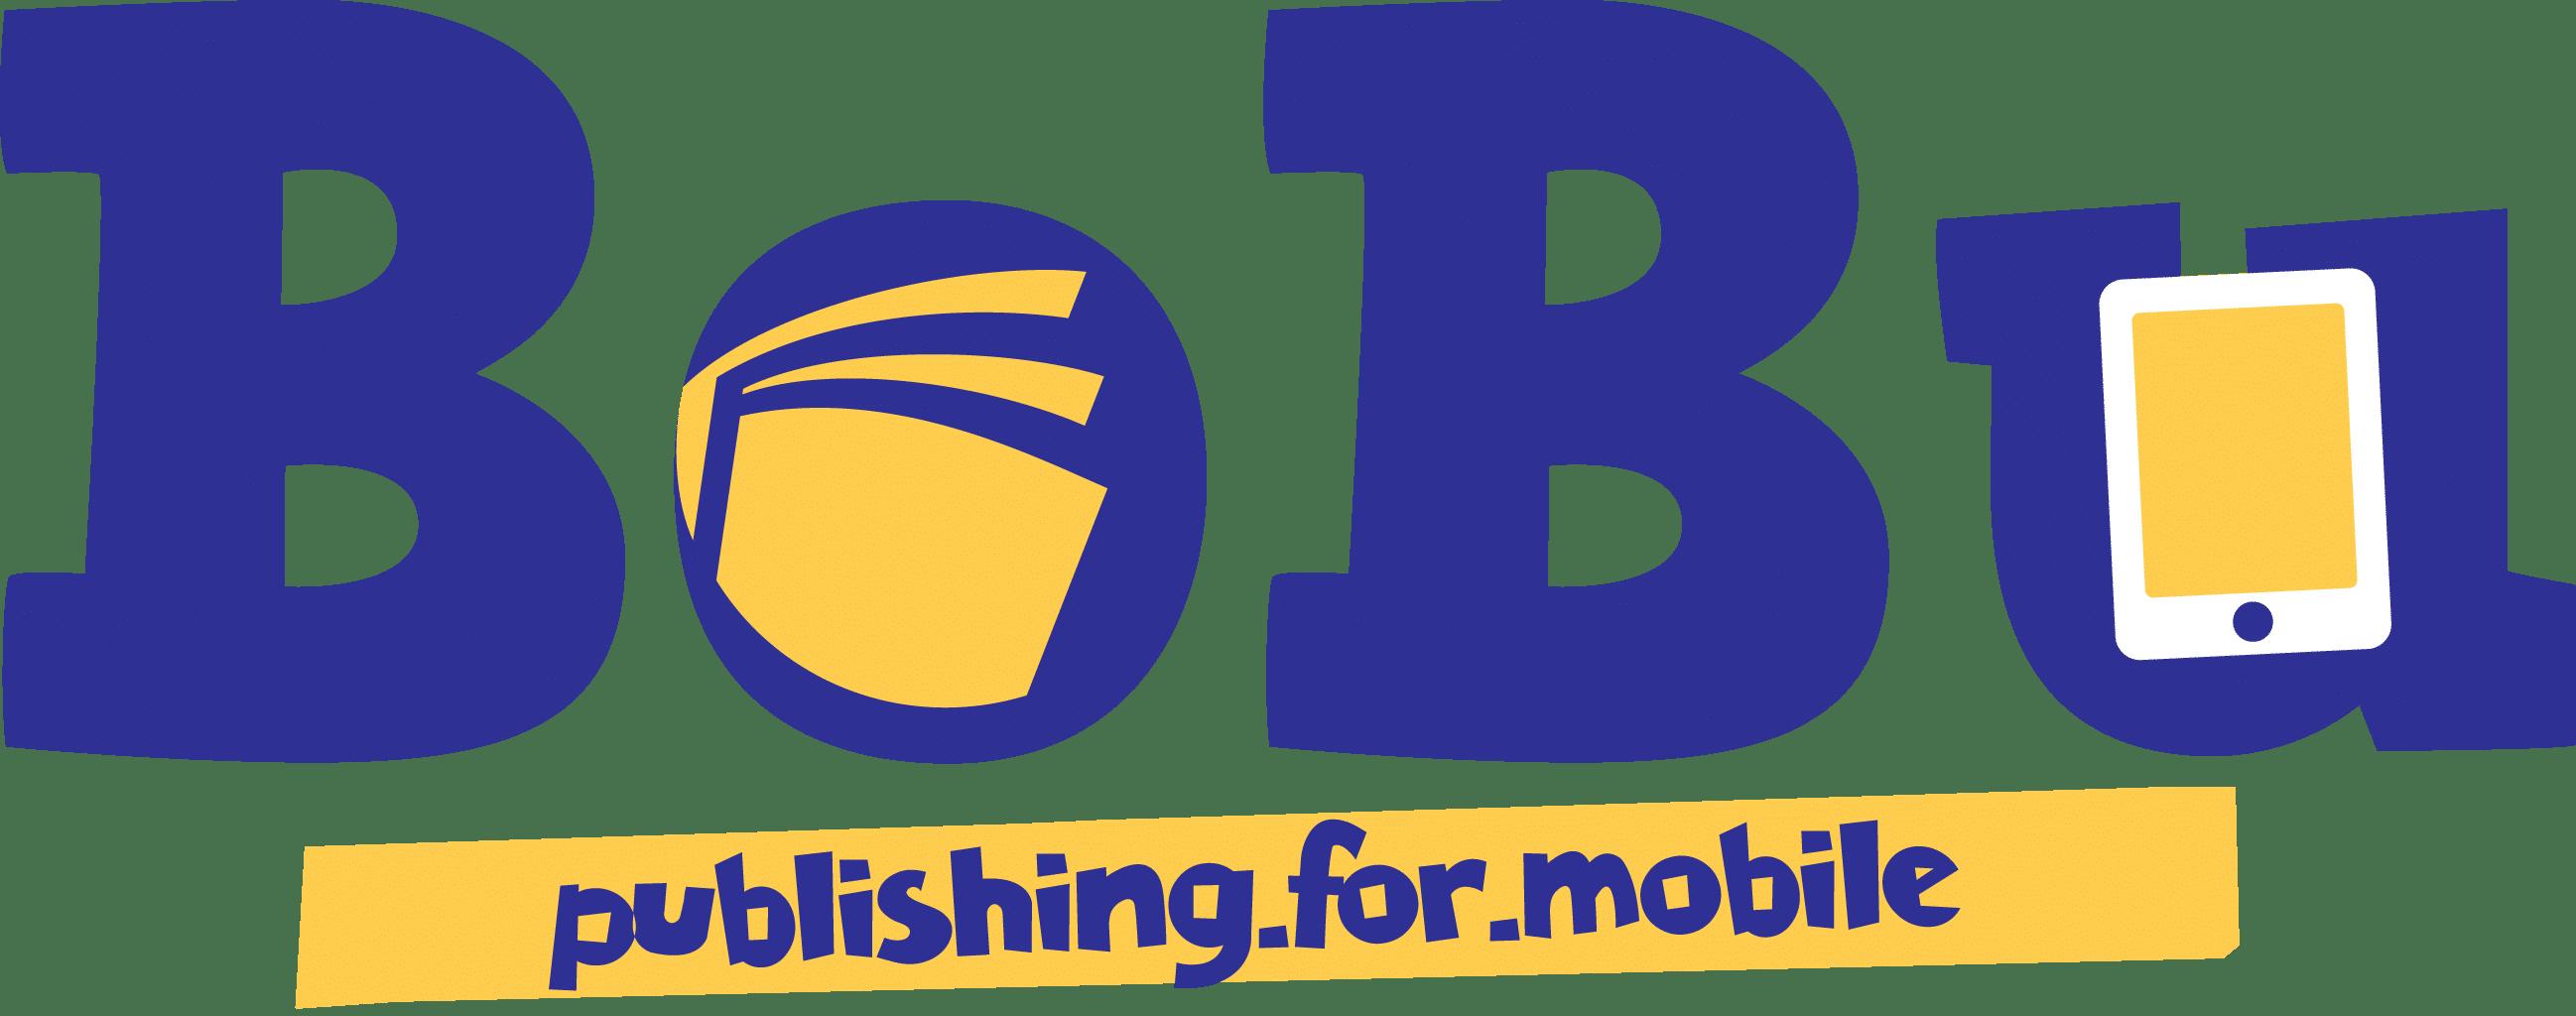 Bobu logo